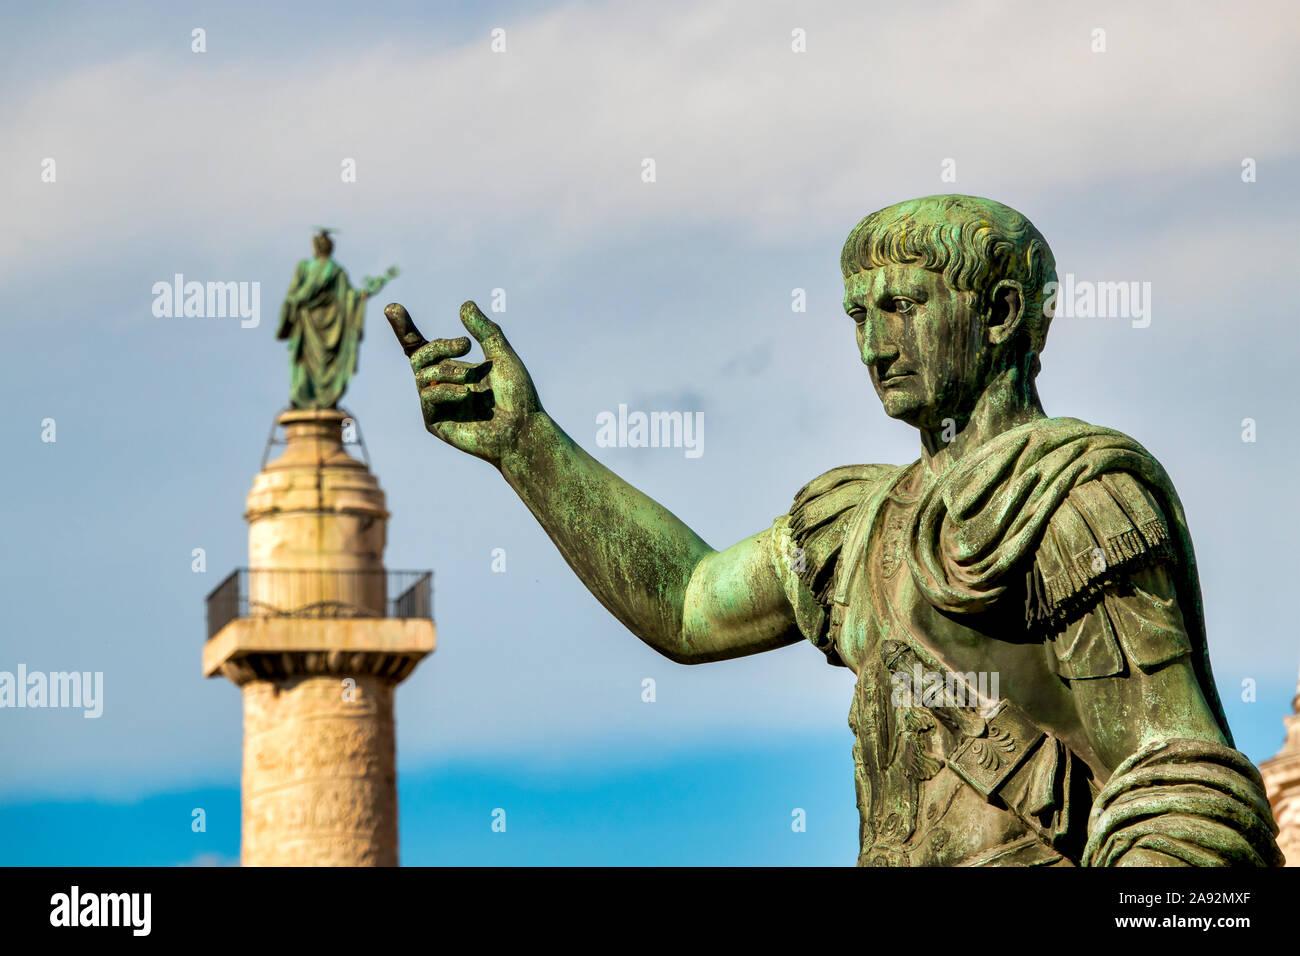 Columna Del Emperador Trajano Fotos e Imágenes de stock - Alamy